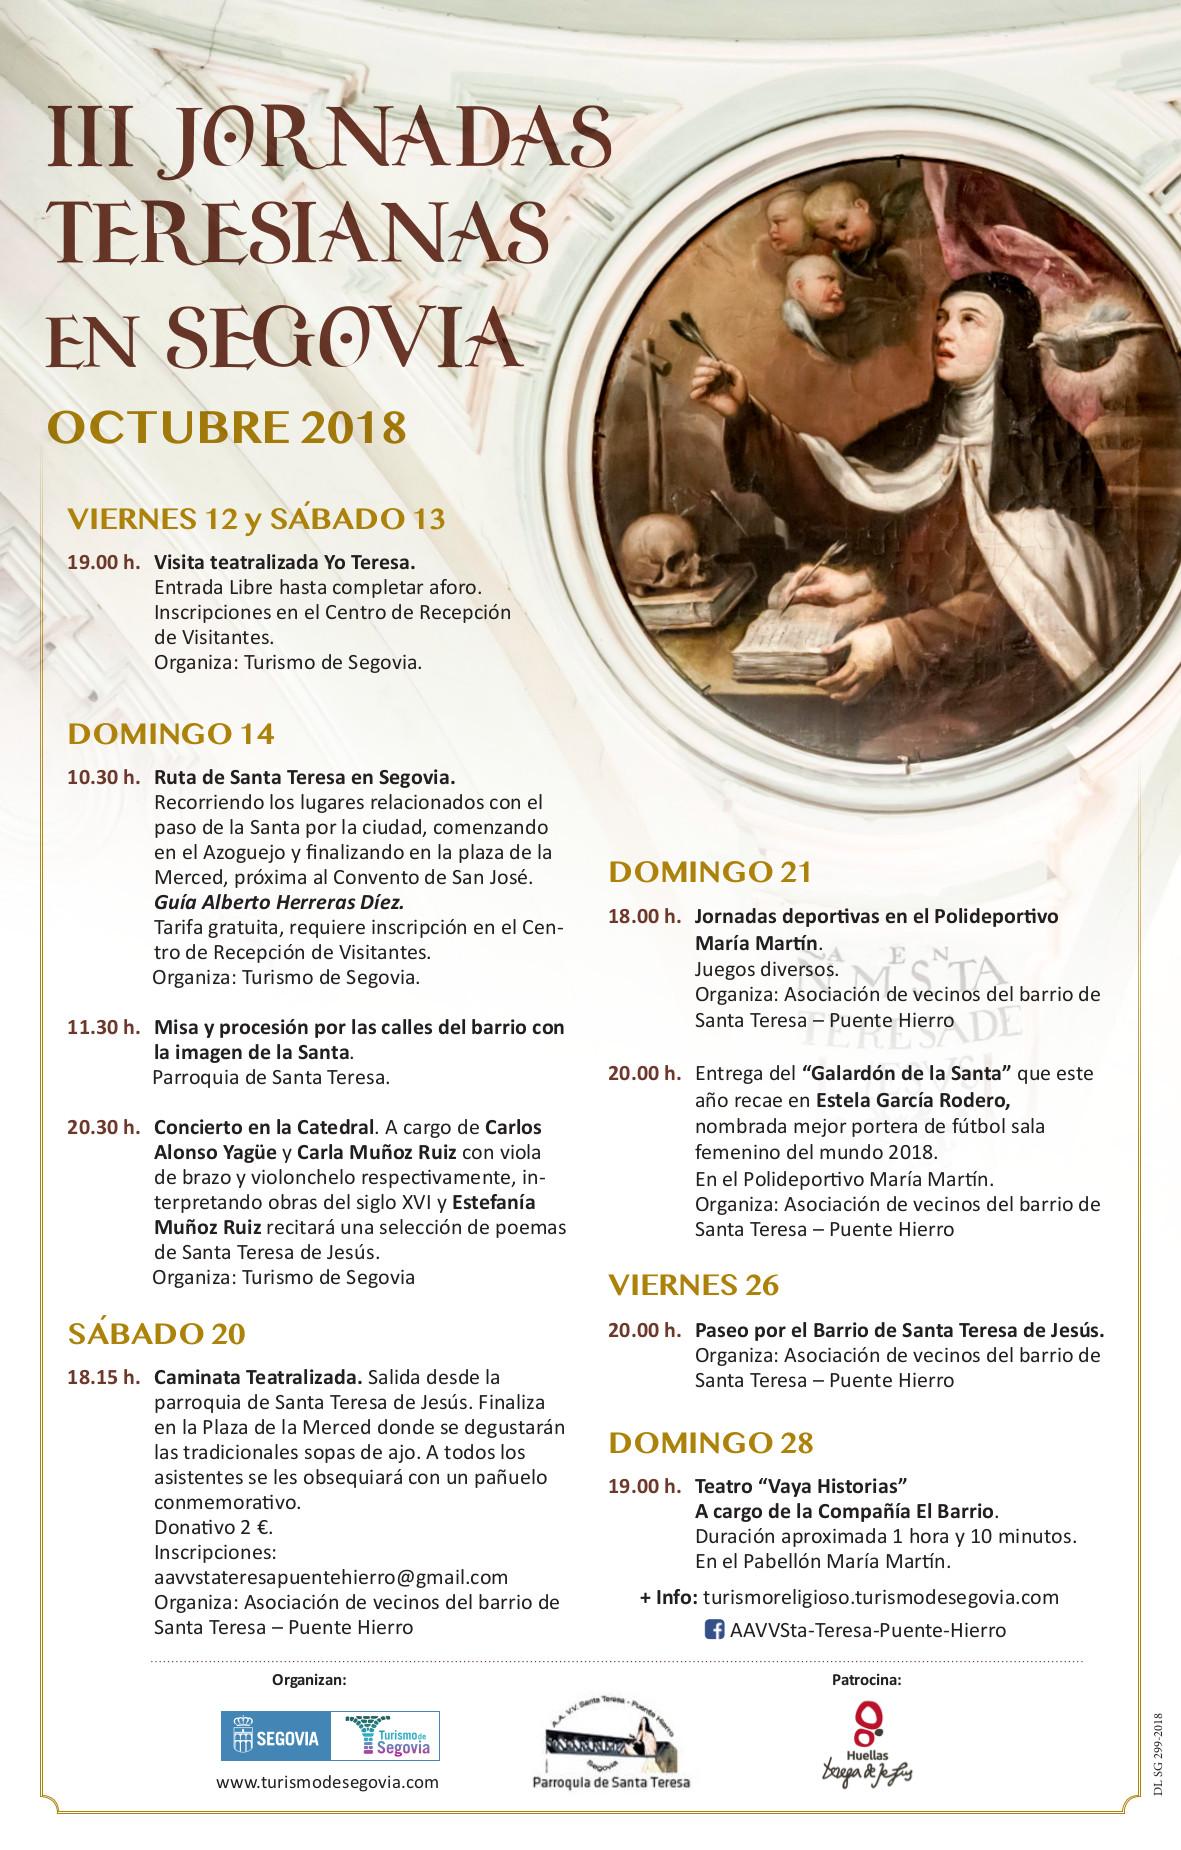 III Teresian Conference